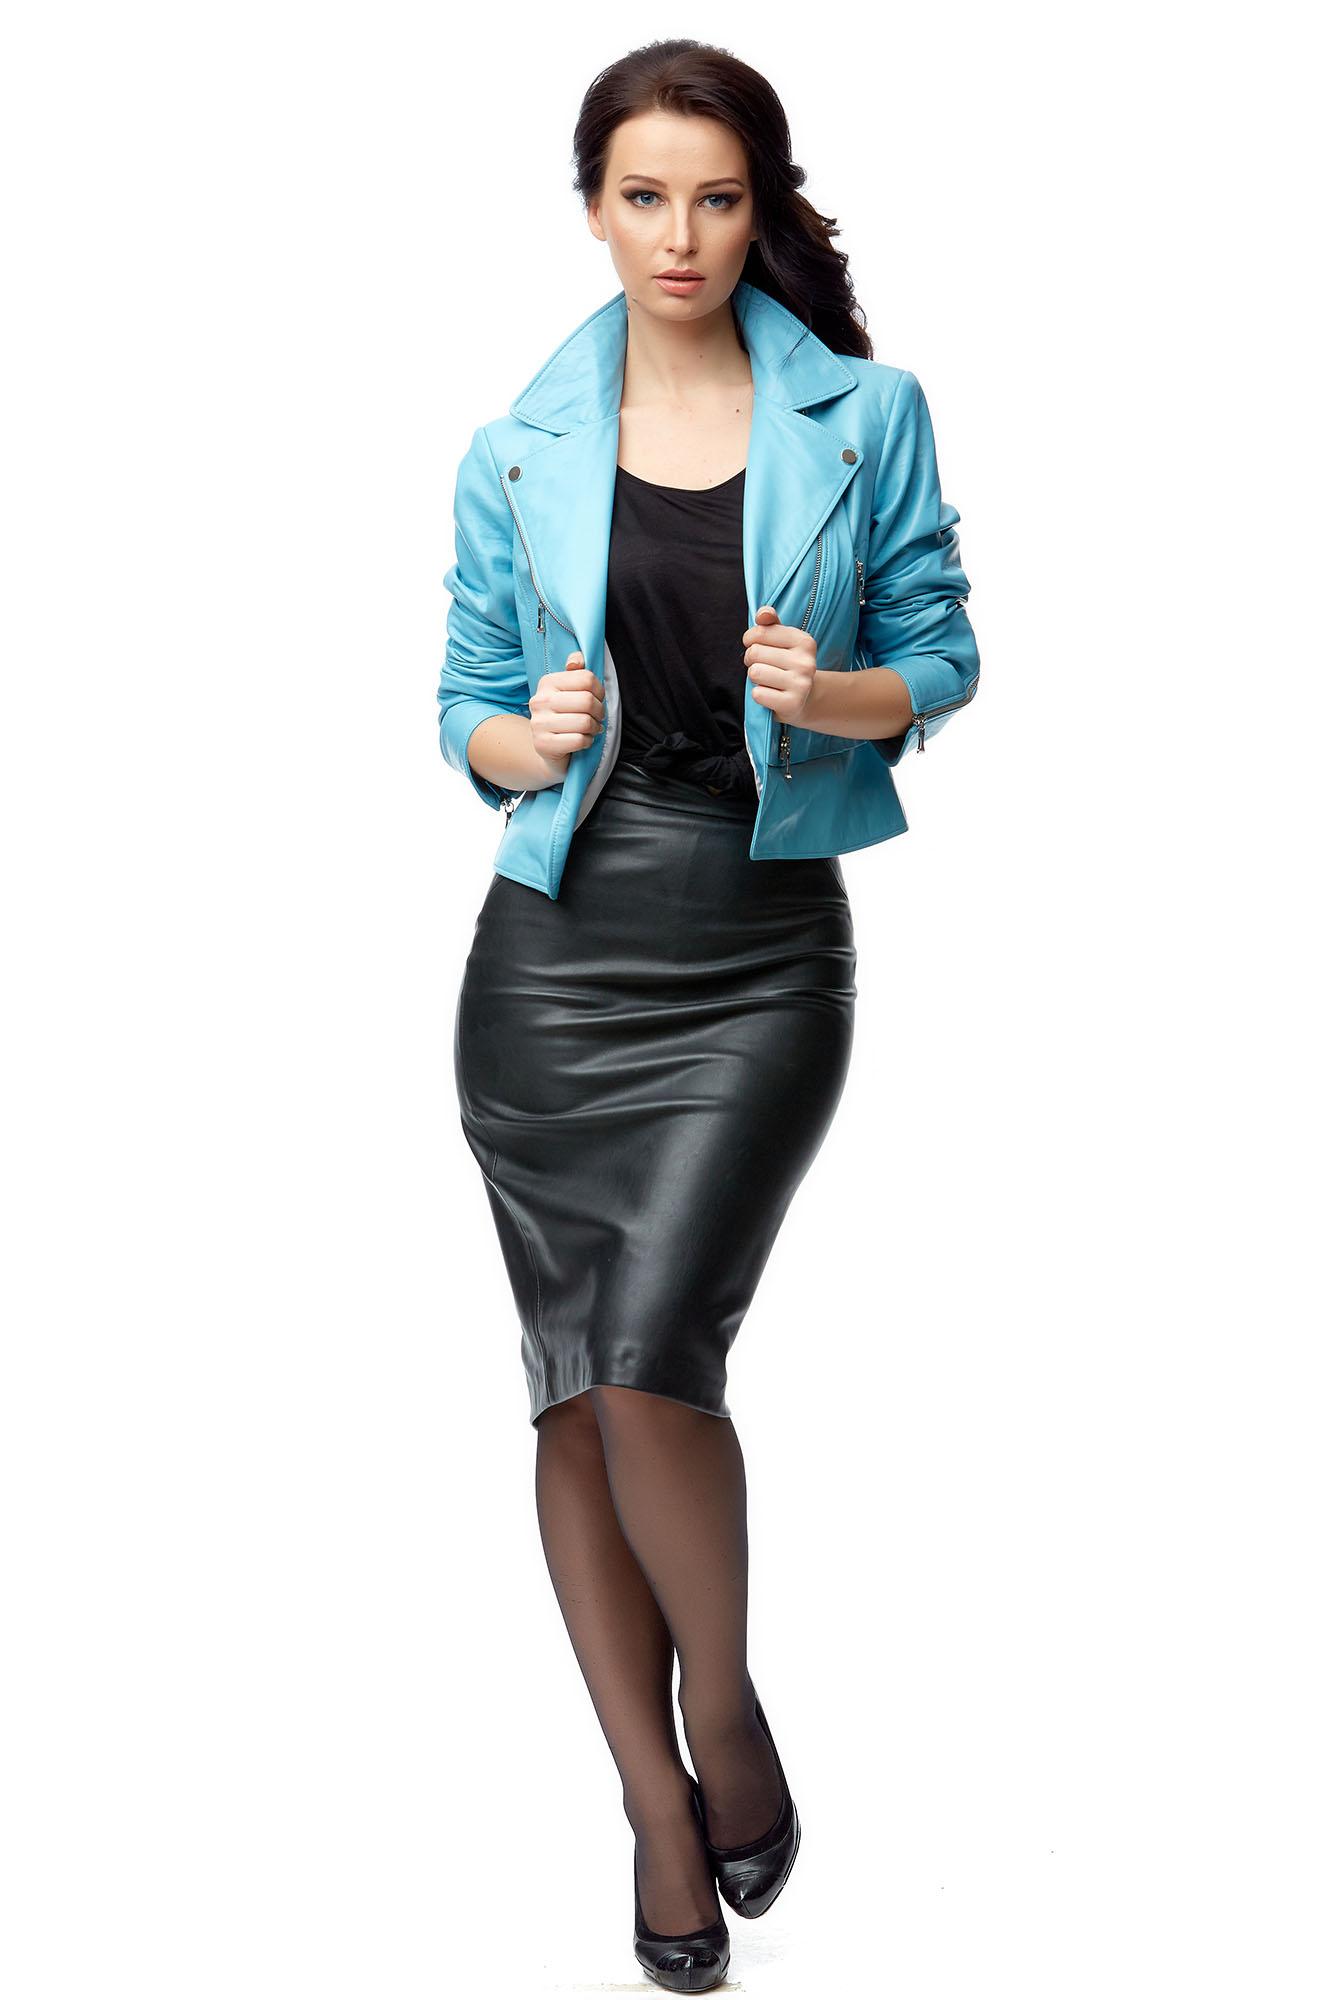 Купить Женская кожаная куртка из натуральной кожи, МОСМЕХА, голубой, Кожа натуральная, 8003150